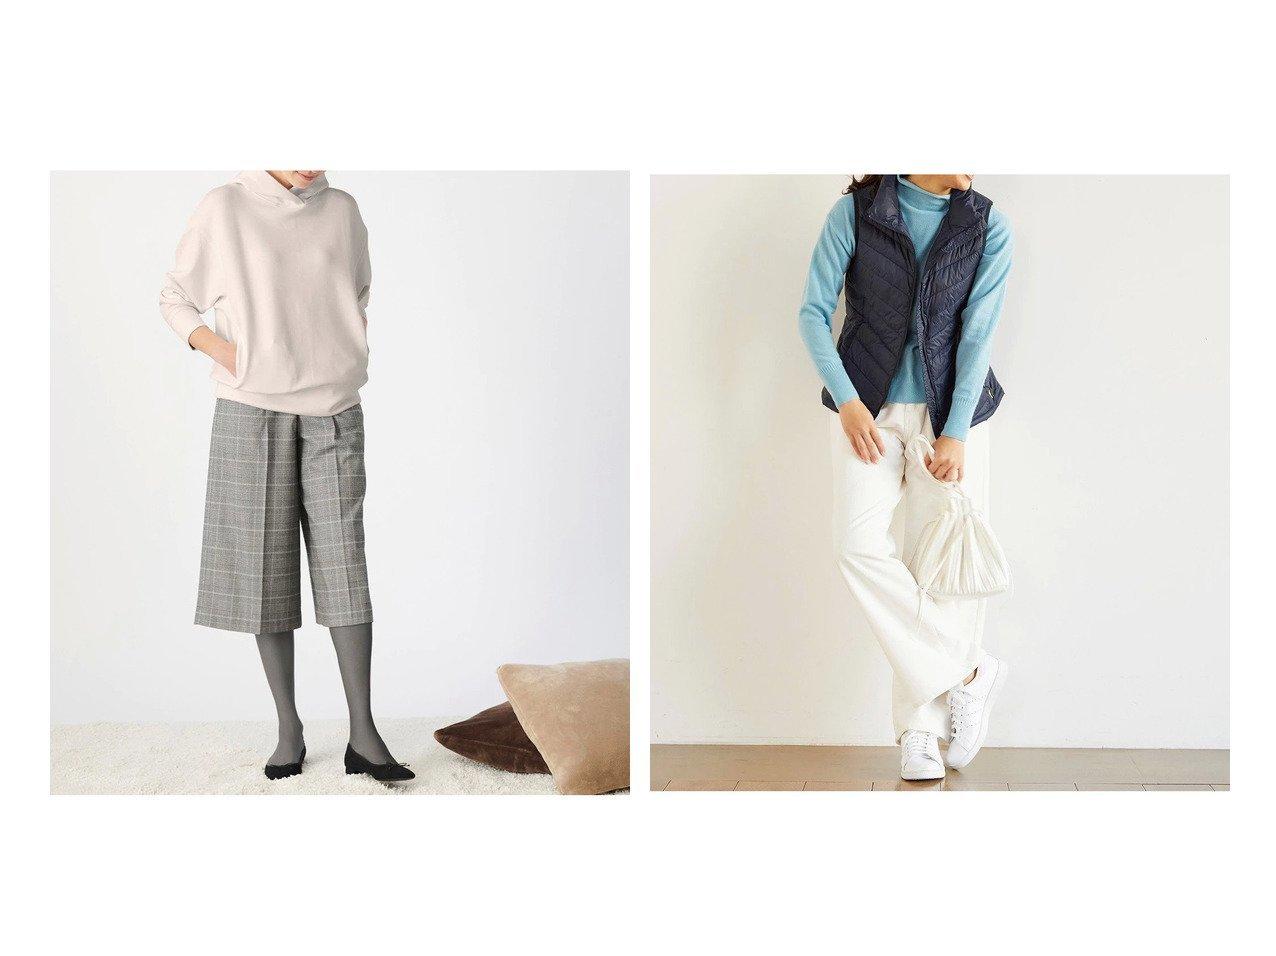 【DoCLASSE/ドゥクラッセ】のファインスウェット・プルパーカー&Doヒート・超快温ダウンベスト/セット ドゥクラッセの40代、50代の方におすすめ!人気トレンド・ファッションの通販 おすすめで人気の流行・トレンド、ファッションの通販商品 メンズファッション・キッズファッション・インテリア・家具・レディースファッション・服の通販 founy(ファニー) https://founy.com/ ファッション Fashion レディースファッション WOMEN アウター Coat Outerwear トップス カットソー Tops Tshirt ベスト/ジレ Gilets Vests パーカ Sweats スウェット Sweat アウトドア スリム ダウン フェザー ベスト ポケット メンズ モバイル リアル なめらか スウェット パーカー ビッグ フォルム |ID:crp329100000021622